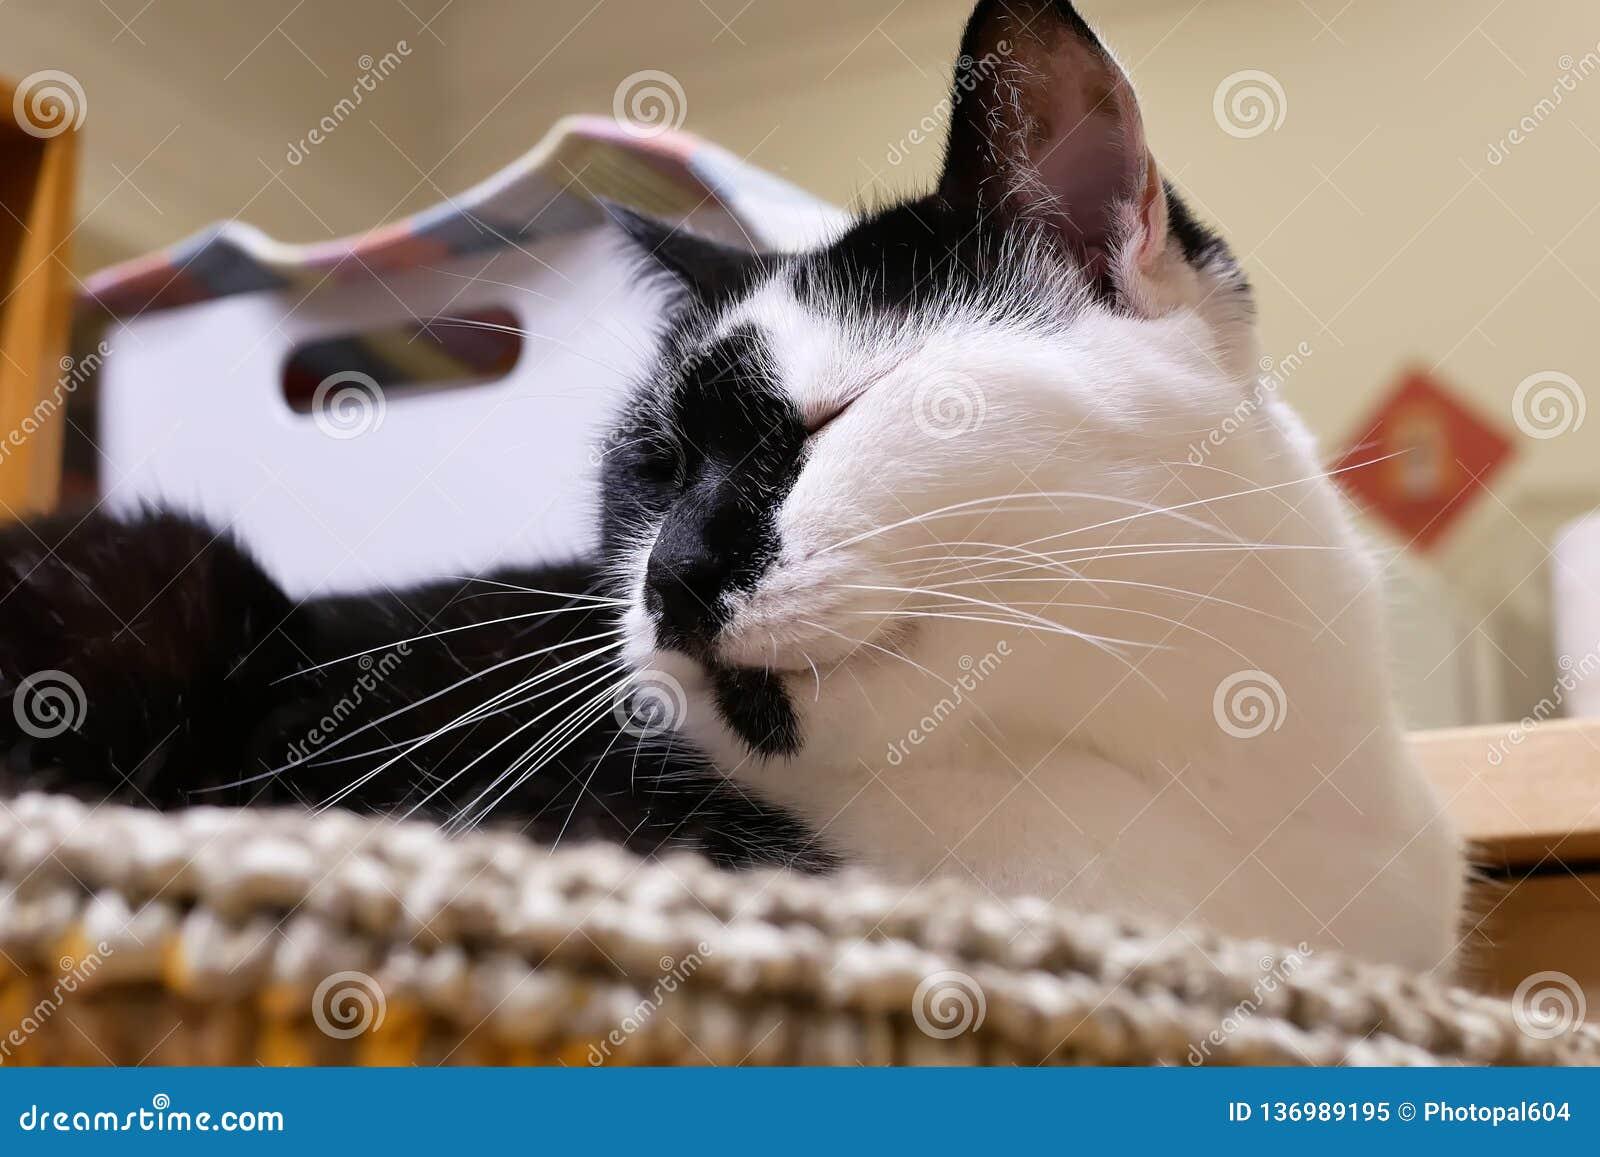 Motie van gestreepte katkat slaperig op haar bed thuis